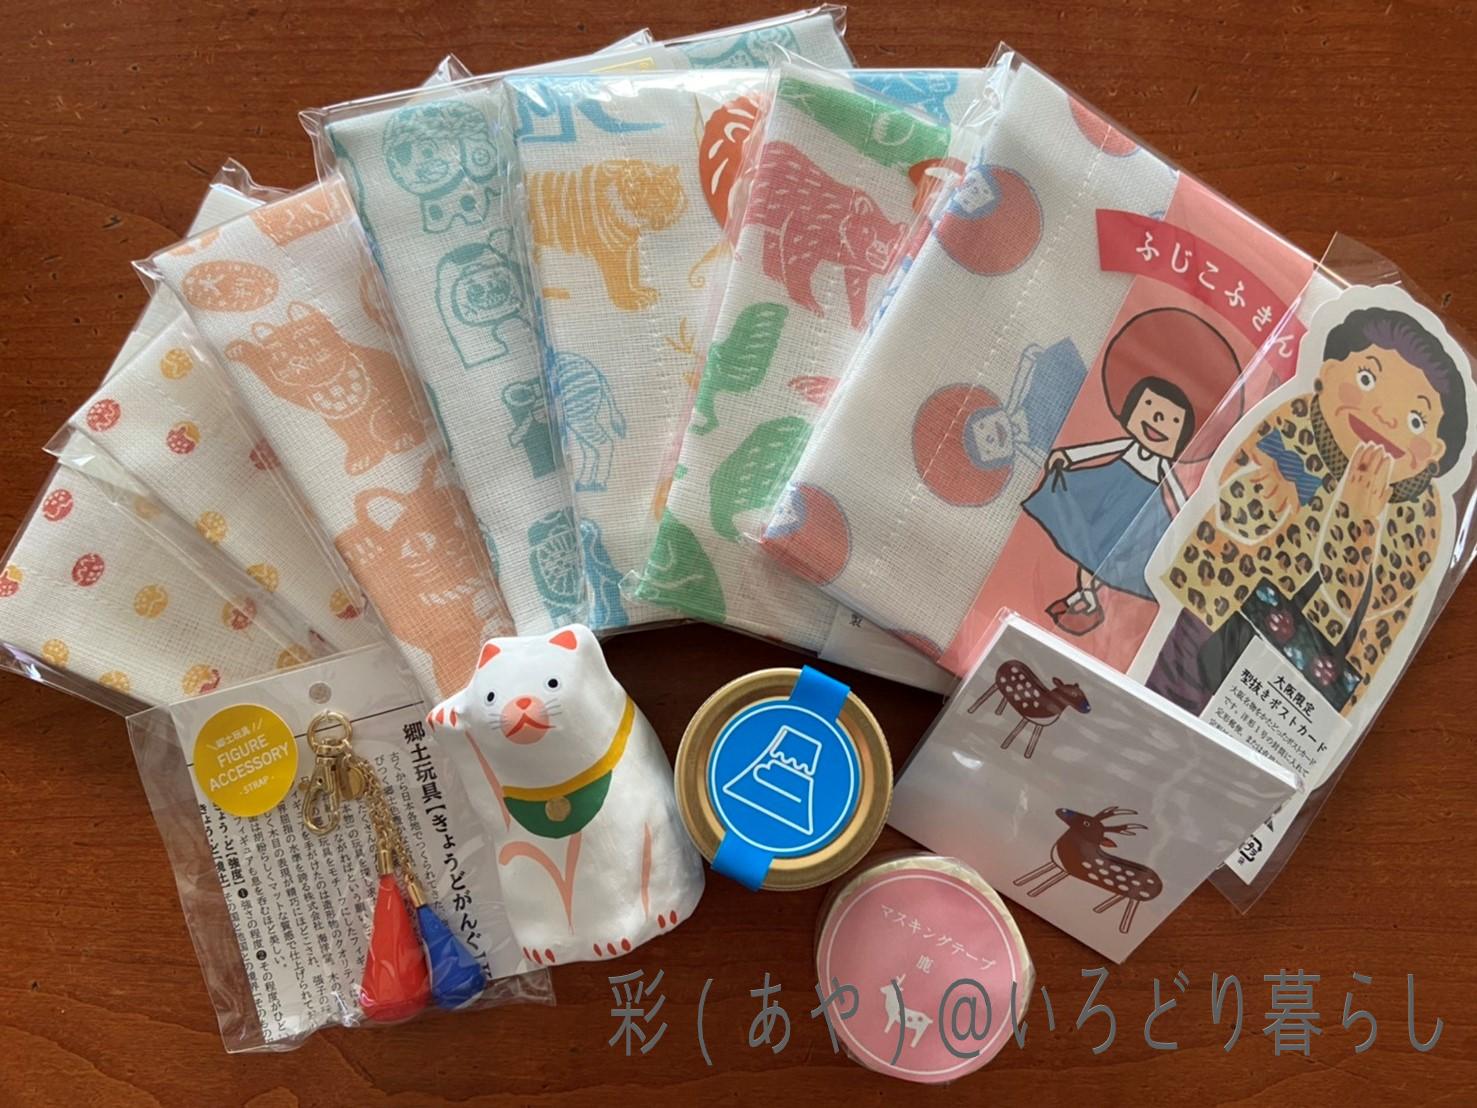 中川政七商店の福袋に入っていた商品一覧